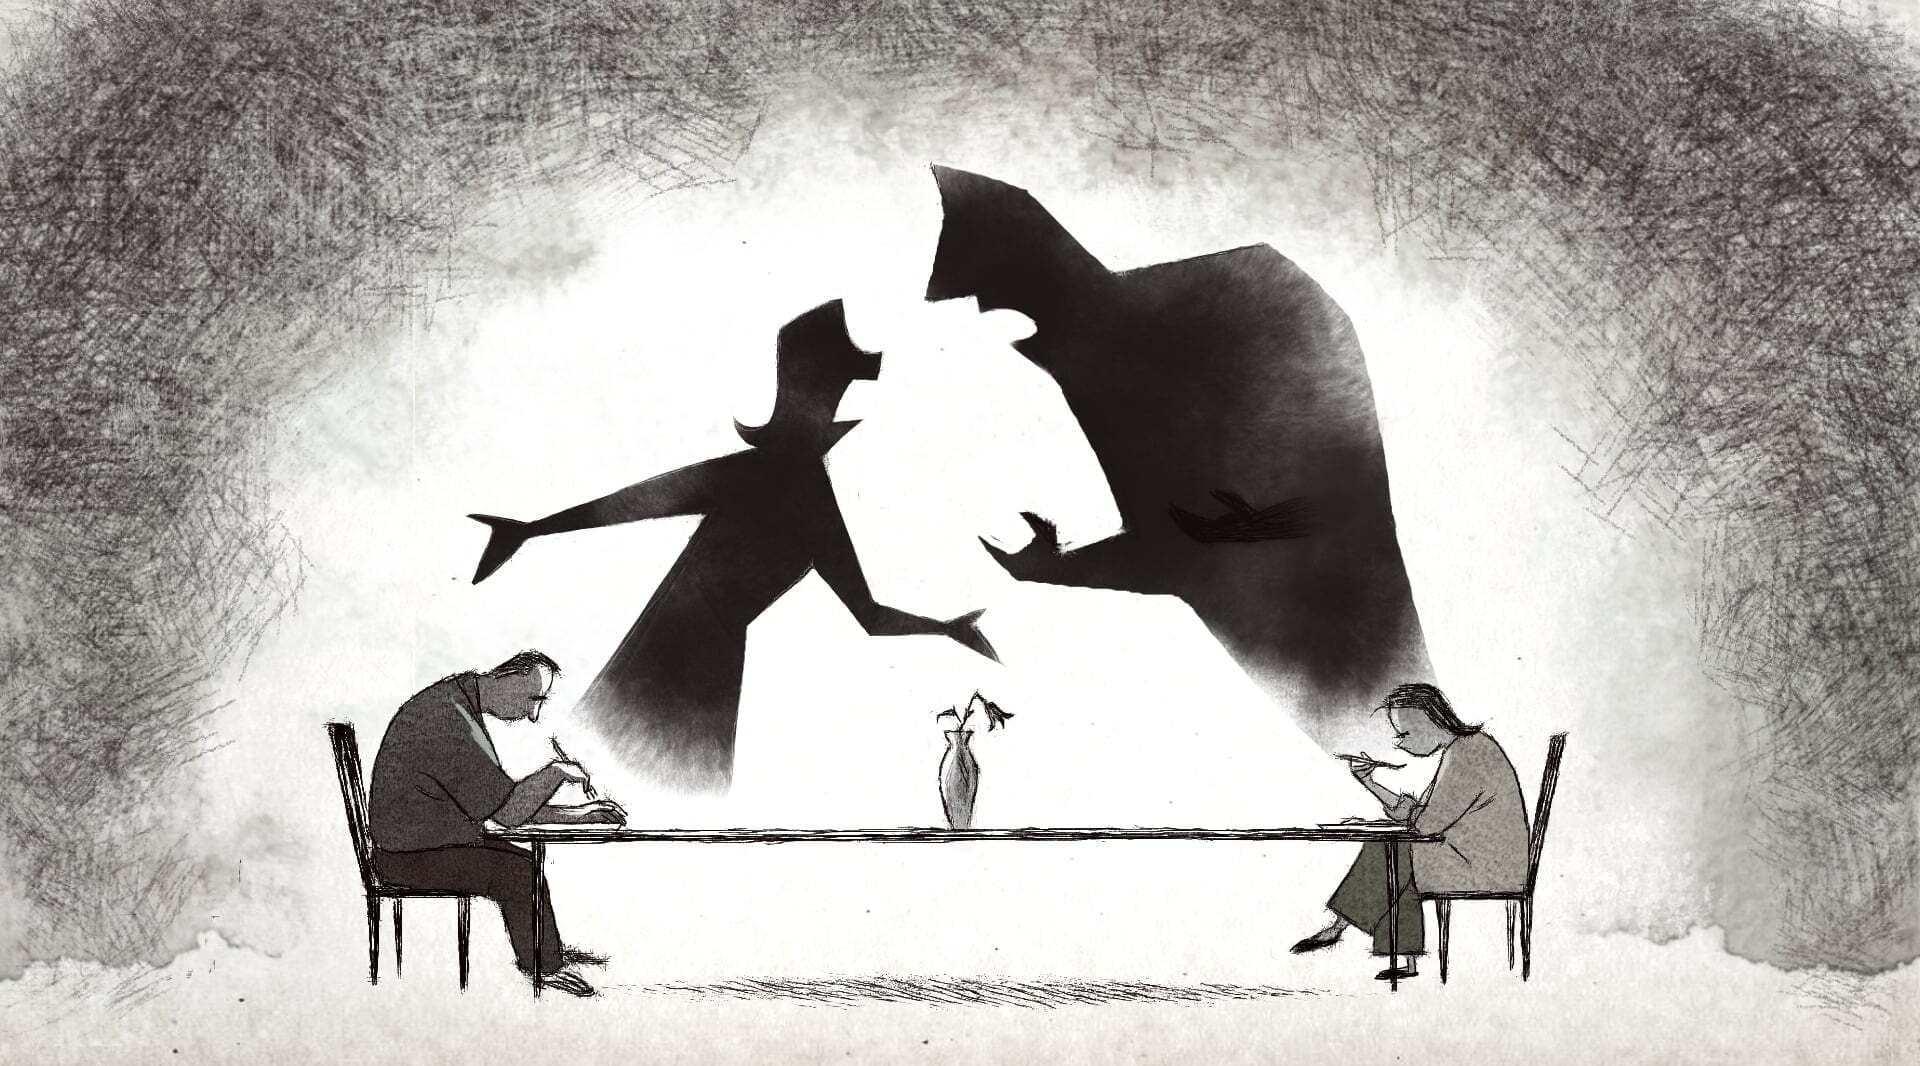 93届奥斯卡最佳动画《无论如何我爱你》